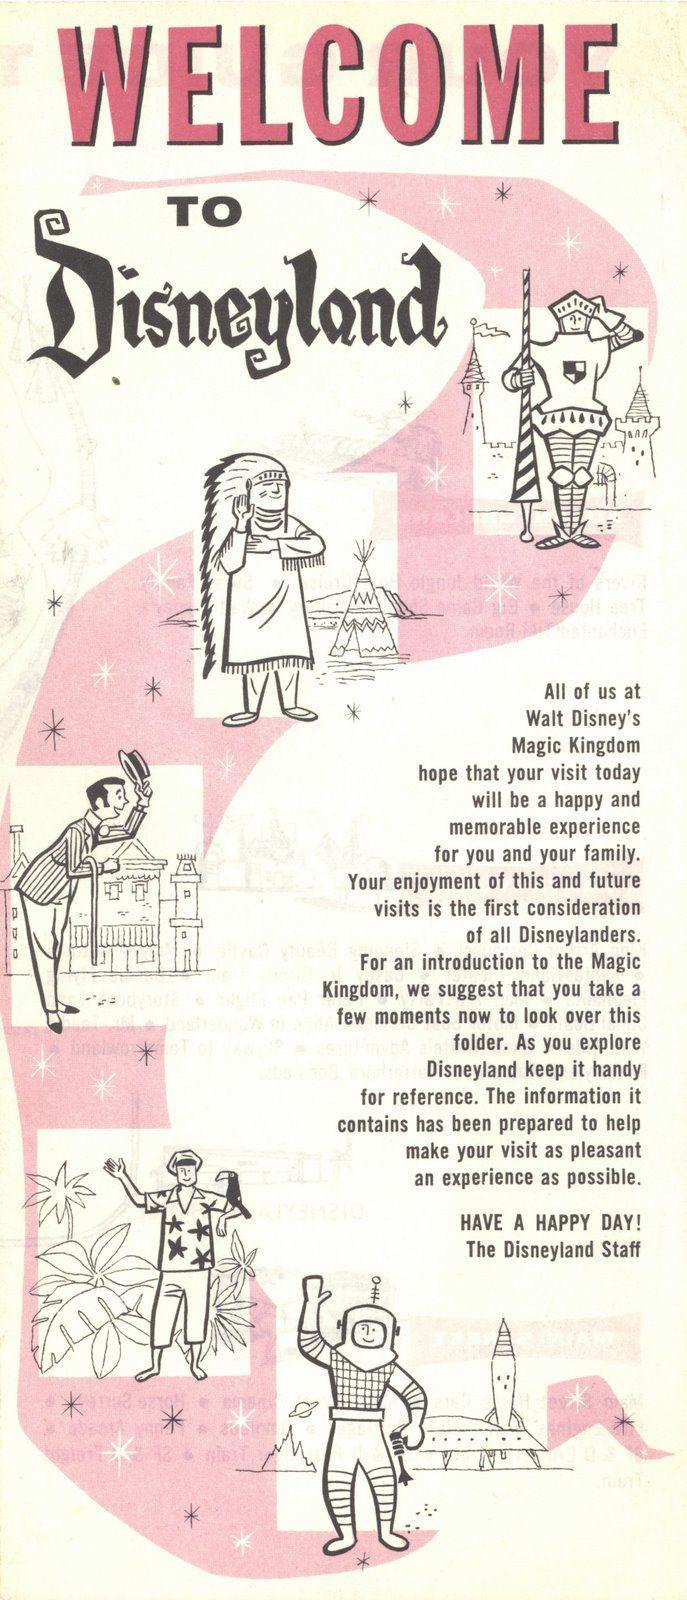 Disneyland brochure, 1963.